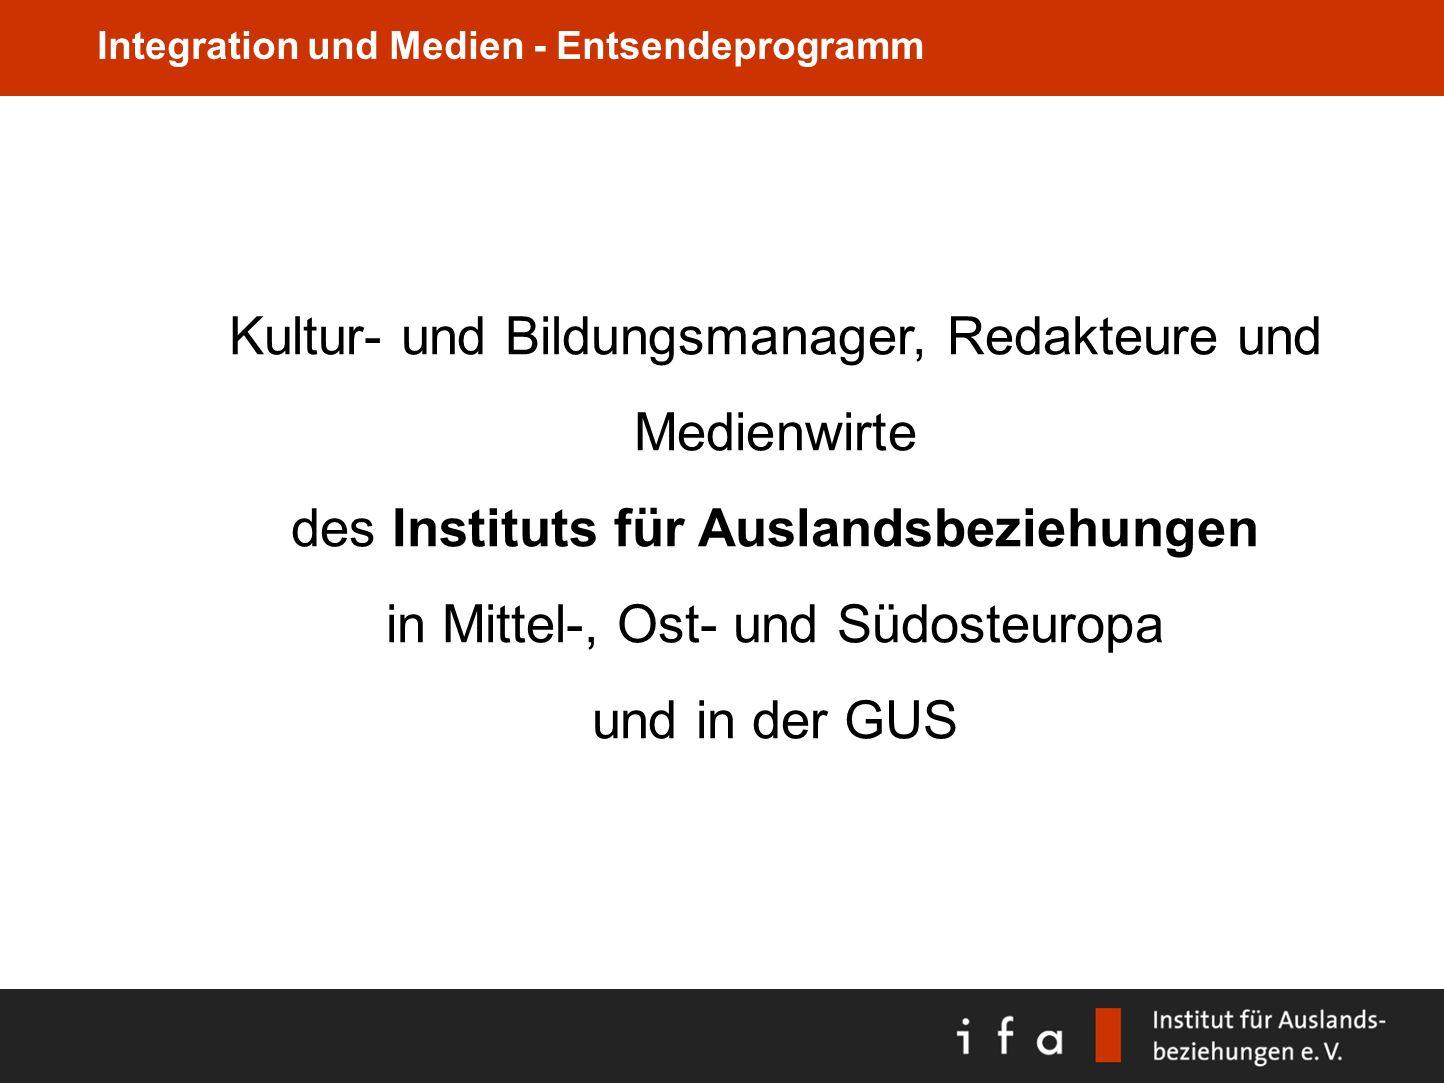 Integration und Medien - Entsendeprogramm Kultur- und Bildungsmanager, Redakteure und Medienwirte des Instituts für Auslandsbeziehungen in Mittel-, Os